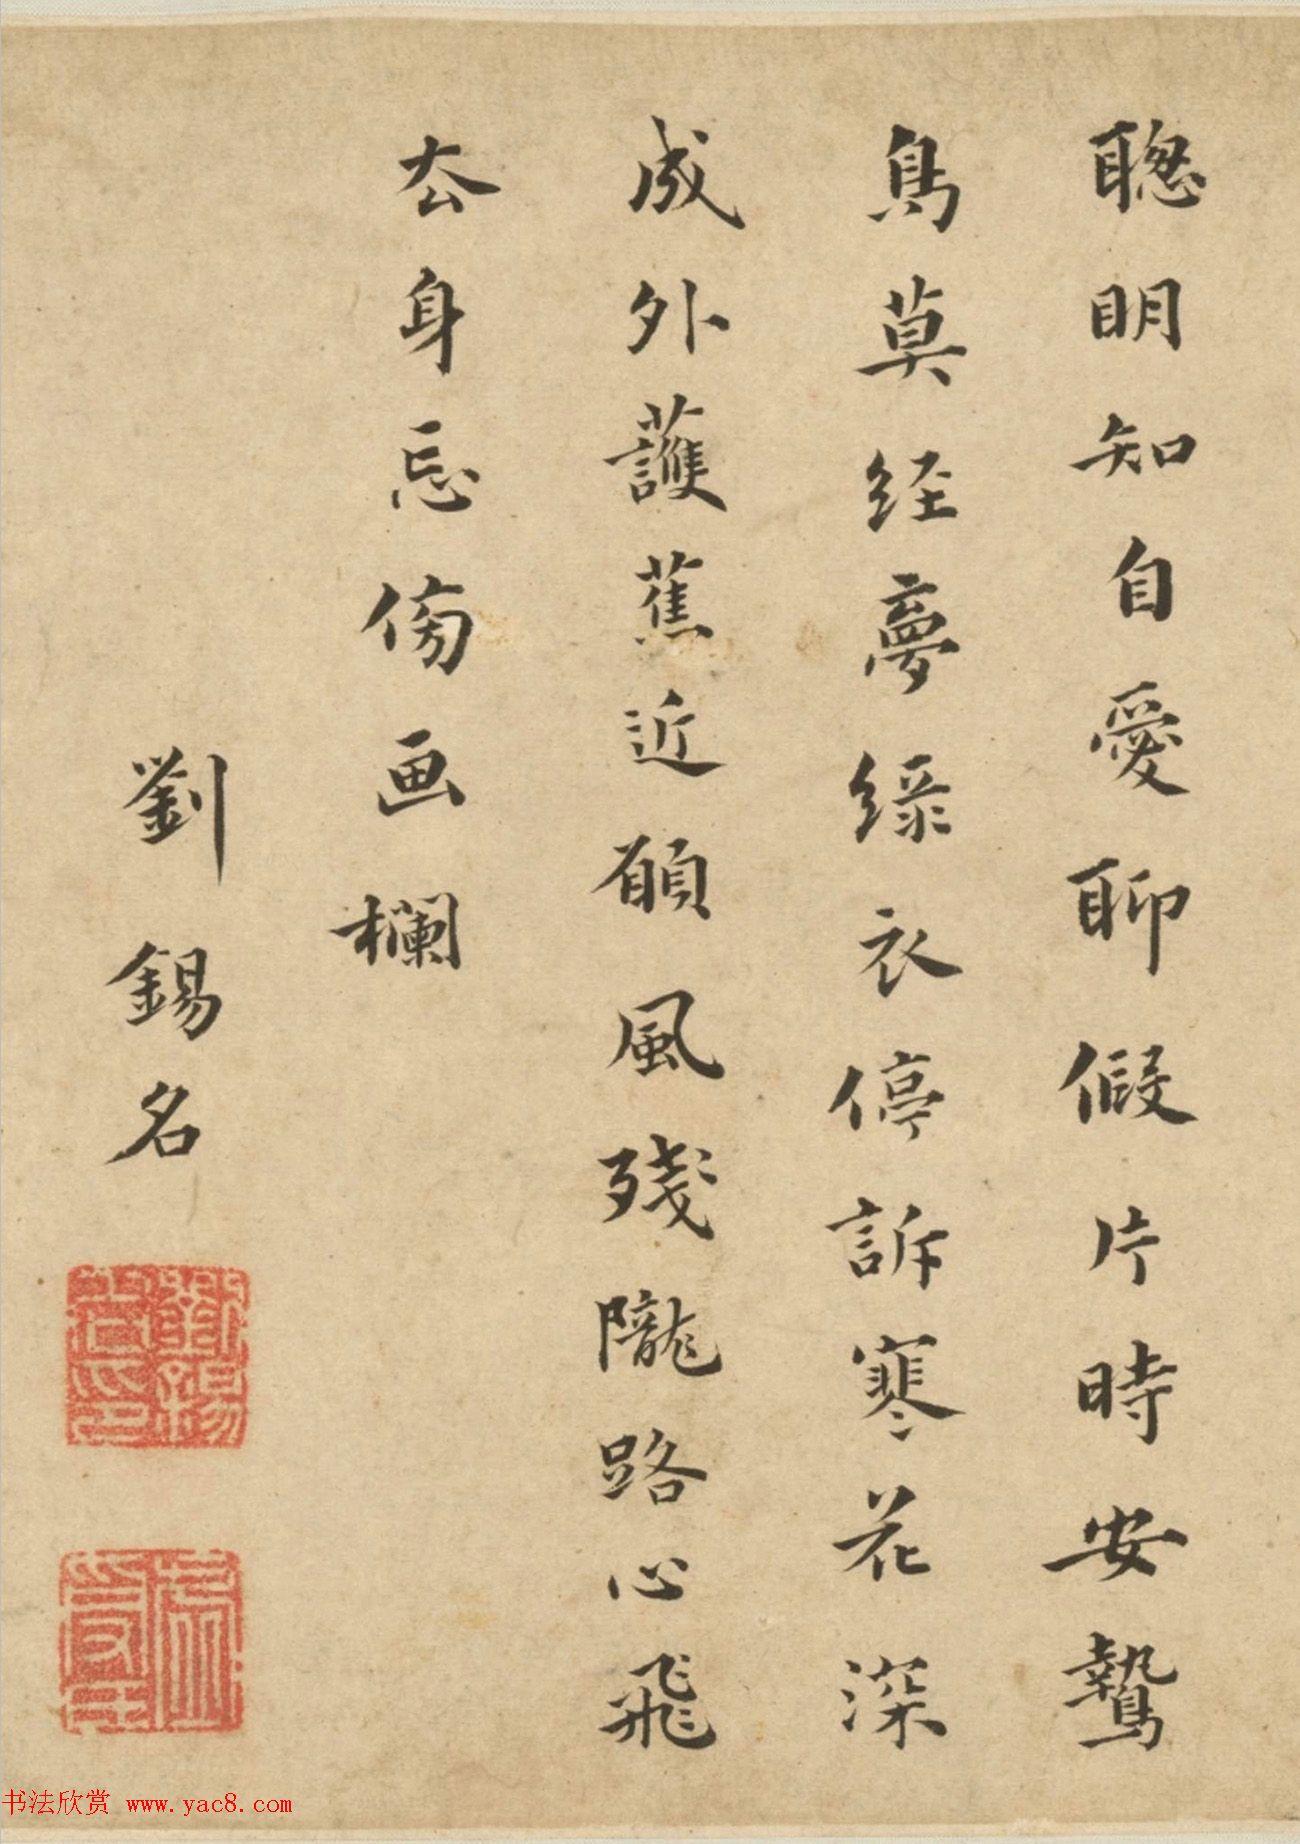 明十六家行书诗卷《睡鹦鹉》